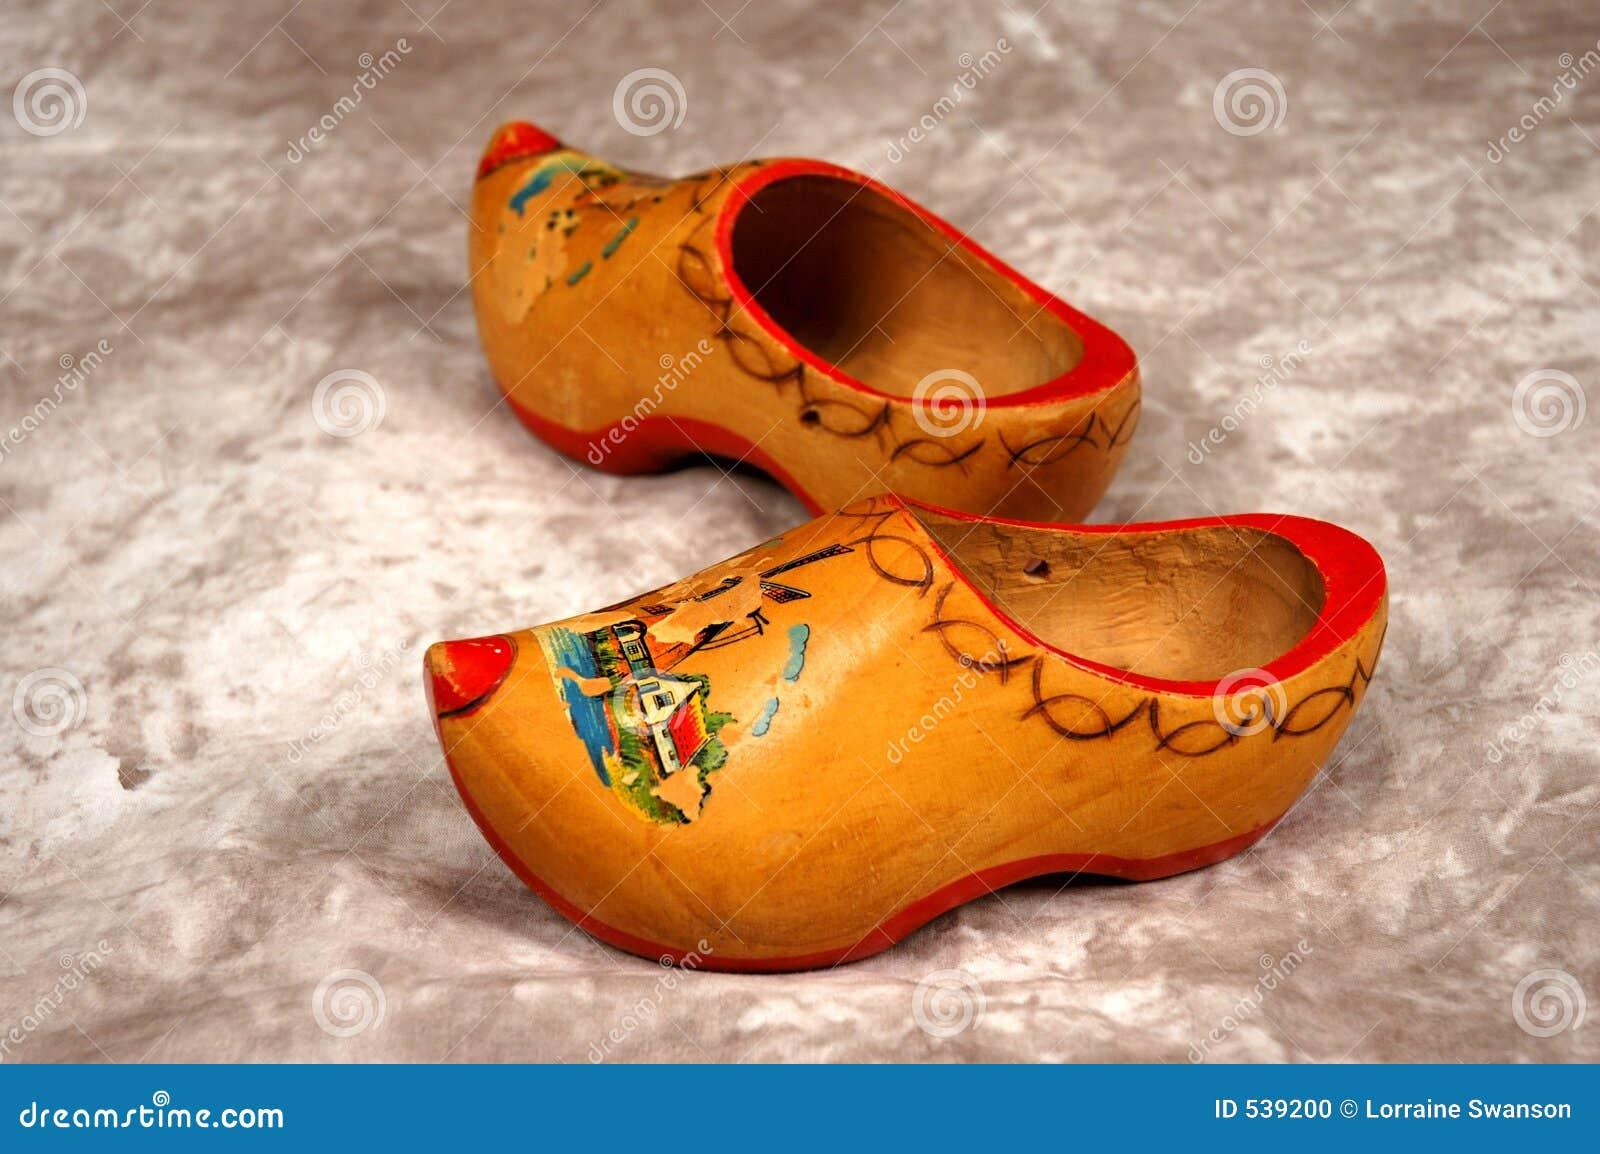 Download 堵塞荷兰 库存照片. 图片 包括有 服装, 障碍物, 鞋子, 荷兰, 荷兰语, 纪念品, 痛饮, 方式, 木头 - 539200